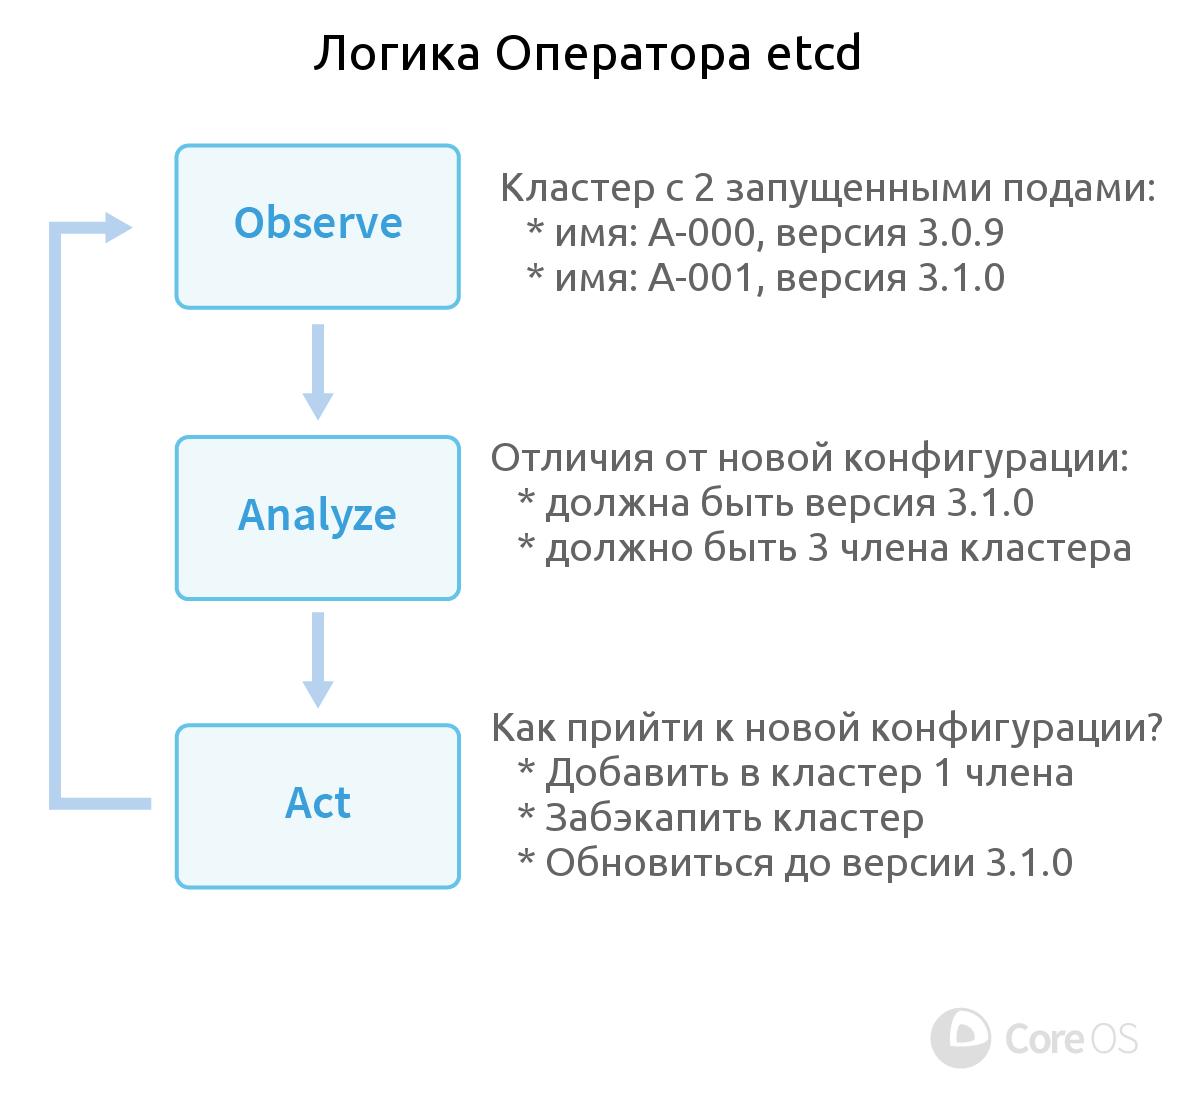 Операторы для Kubernetes: как запускать stateful-приложения - 2